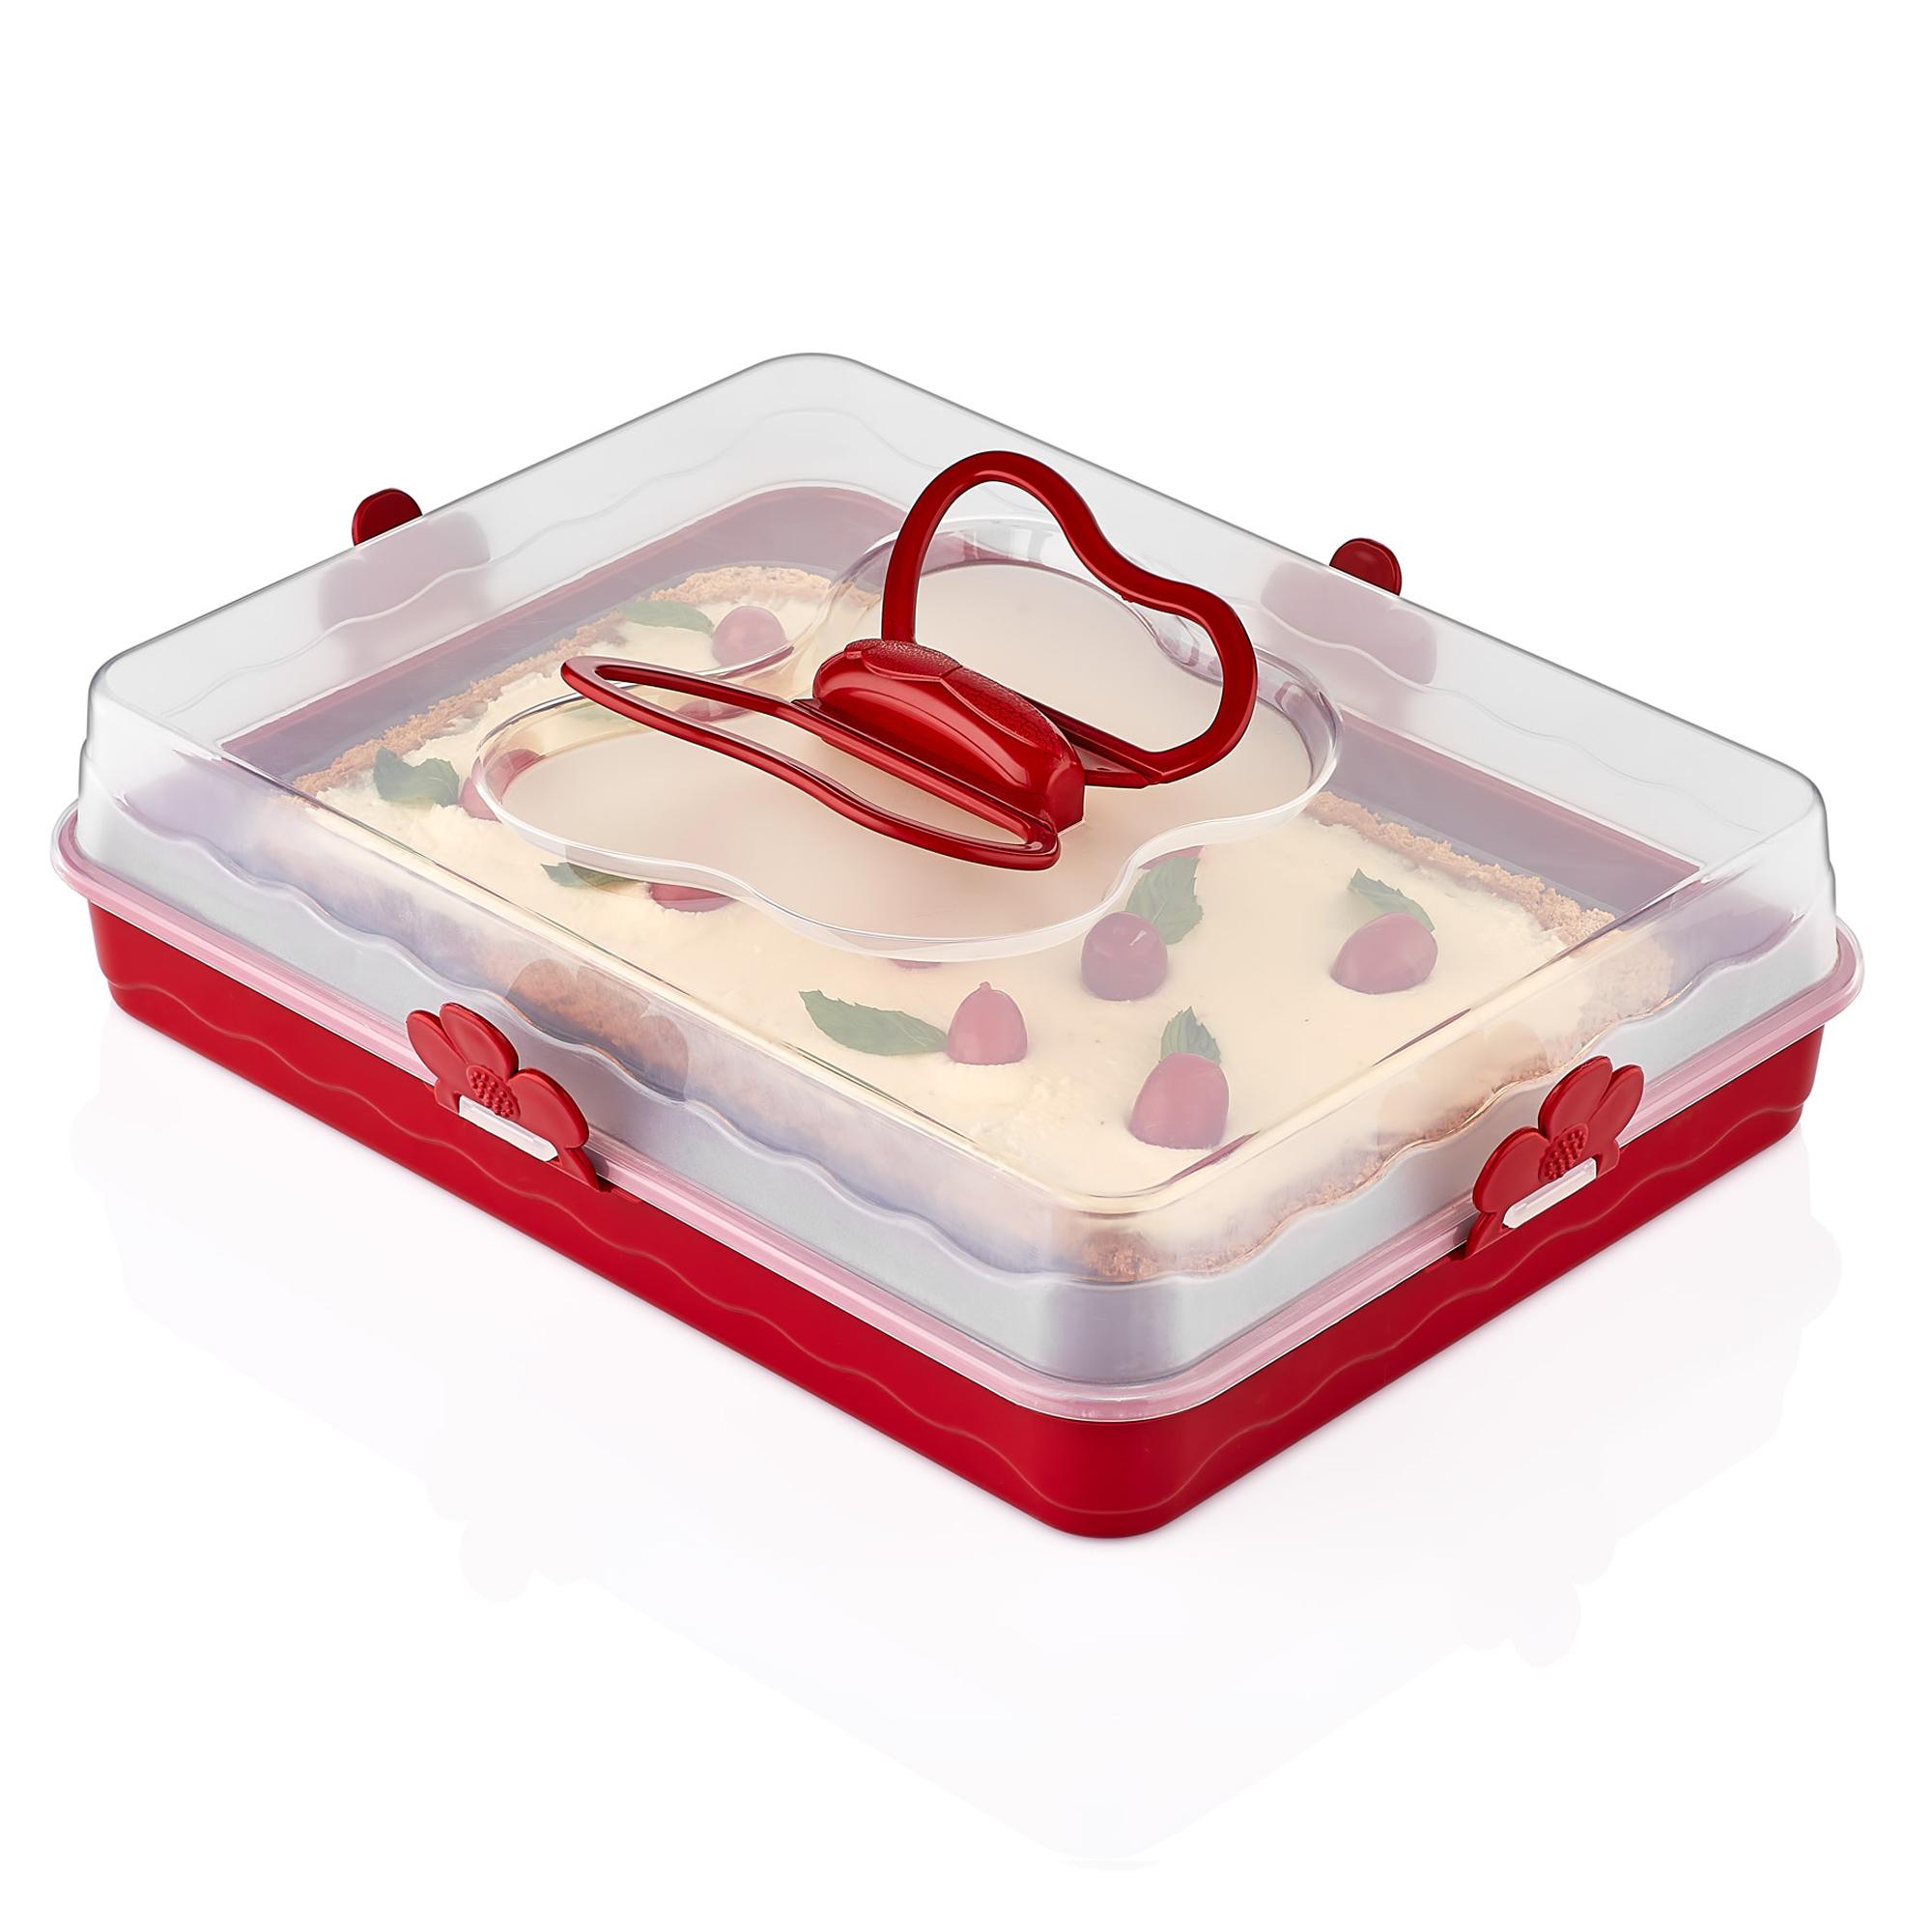 Herzberg HG-L587 : Dôme de gâteau de majordome Rouge